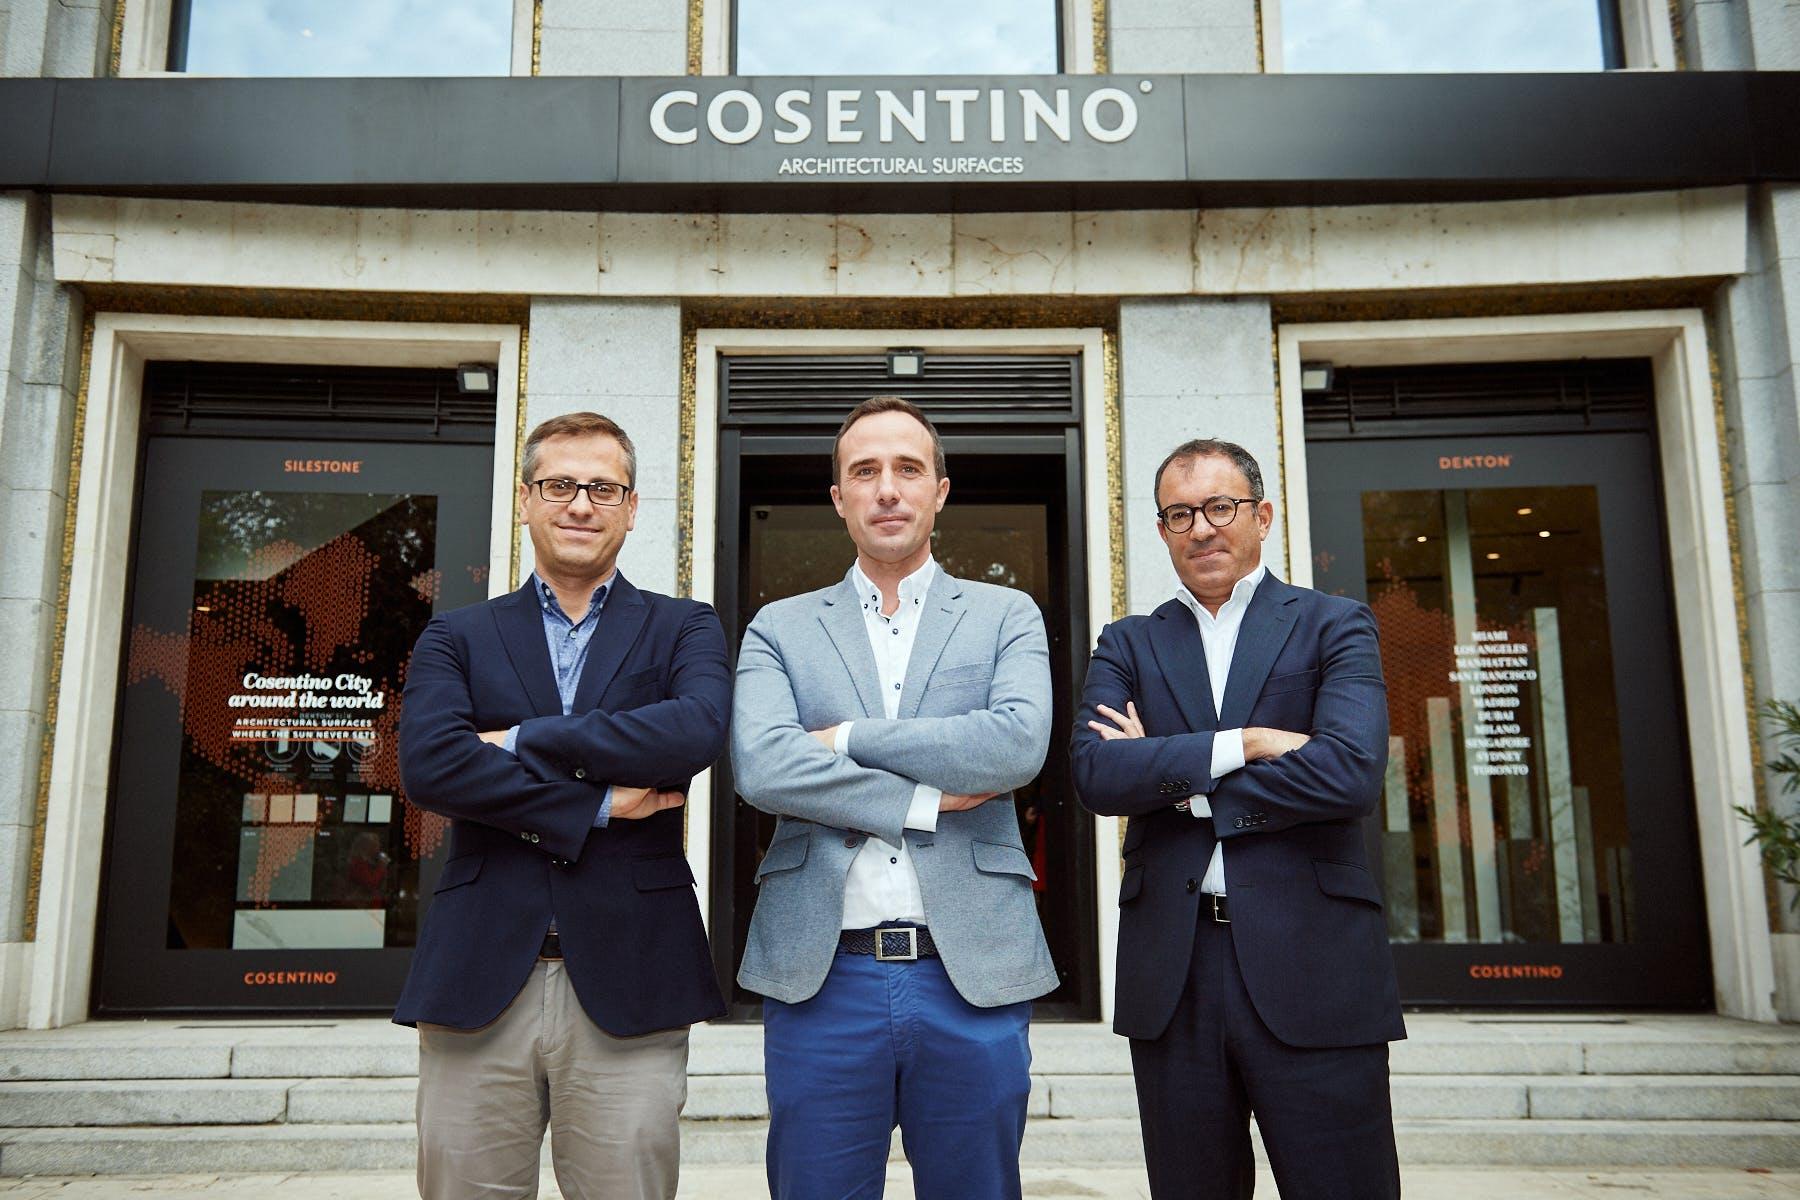 Image of Antonio Urdiales Julio Martin Ivan Martin evento Cosentino City Madrid 1 in Cosentino talks about the future of Purchasing - Cosentino